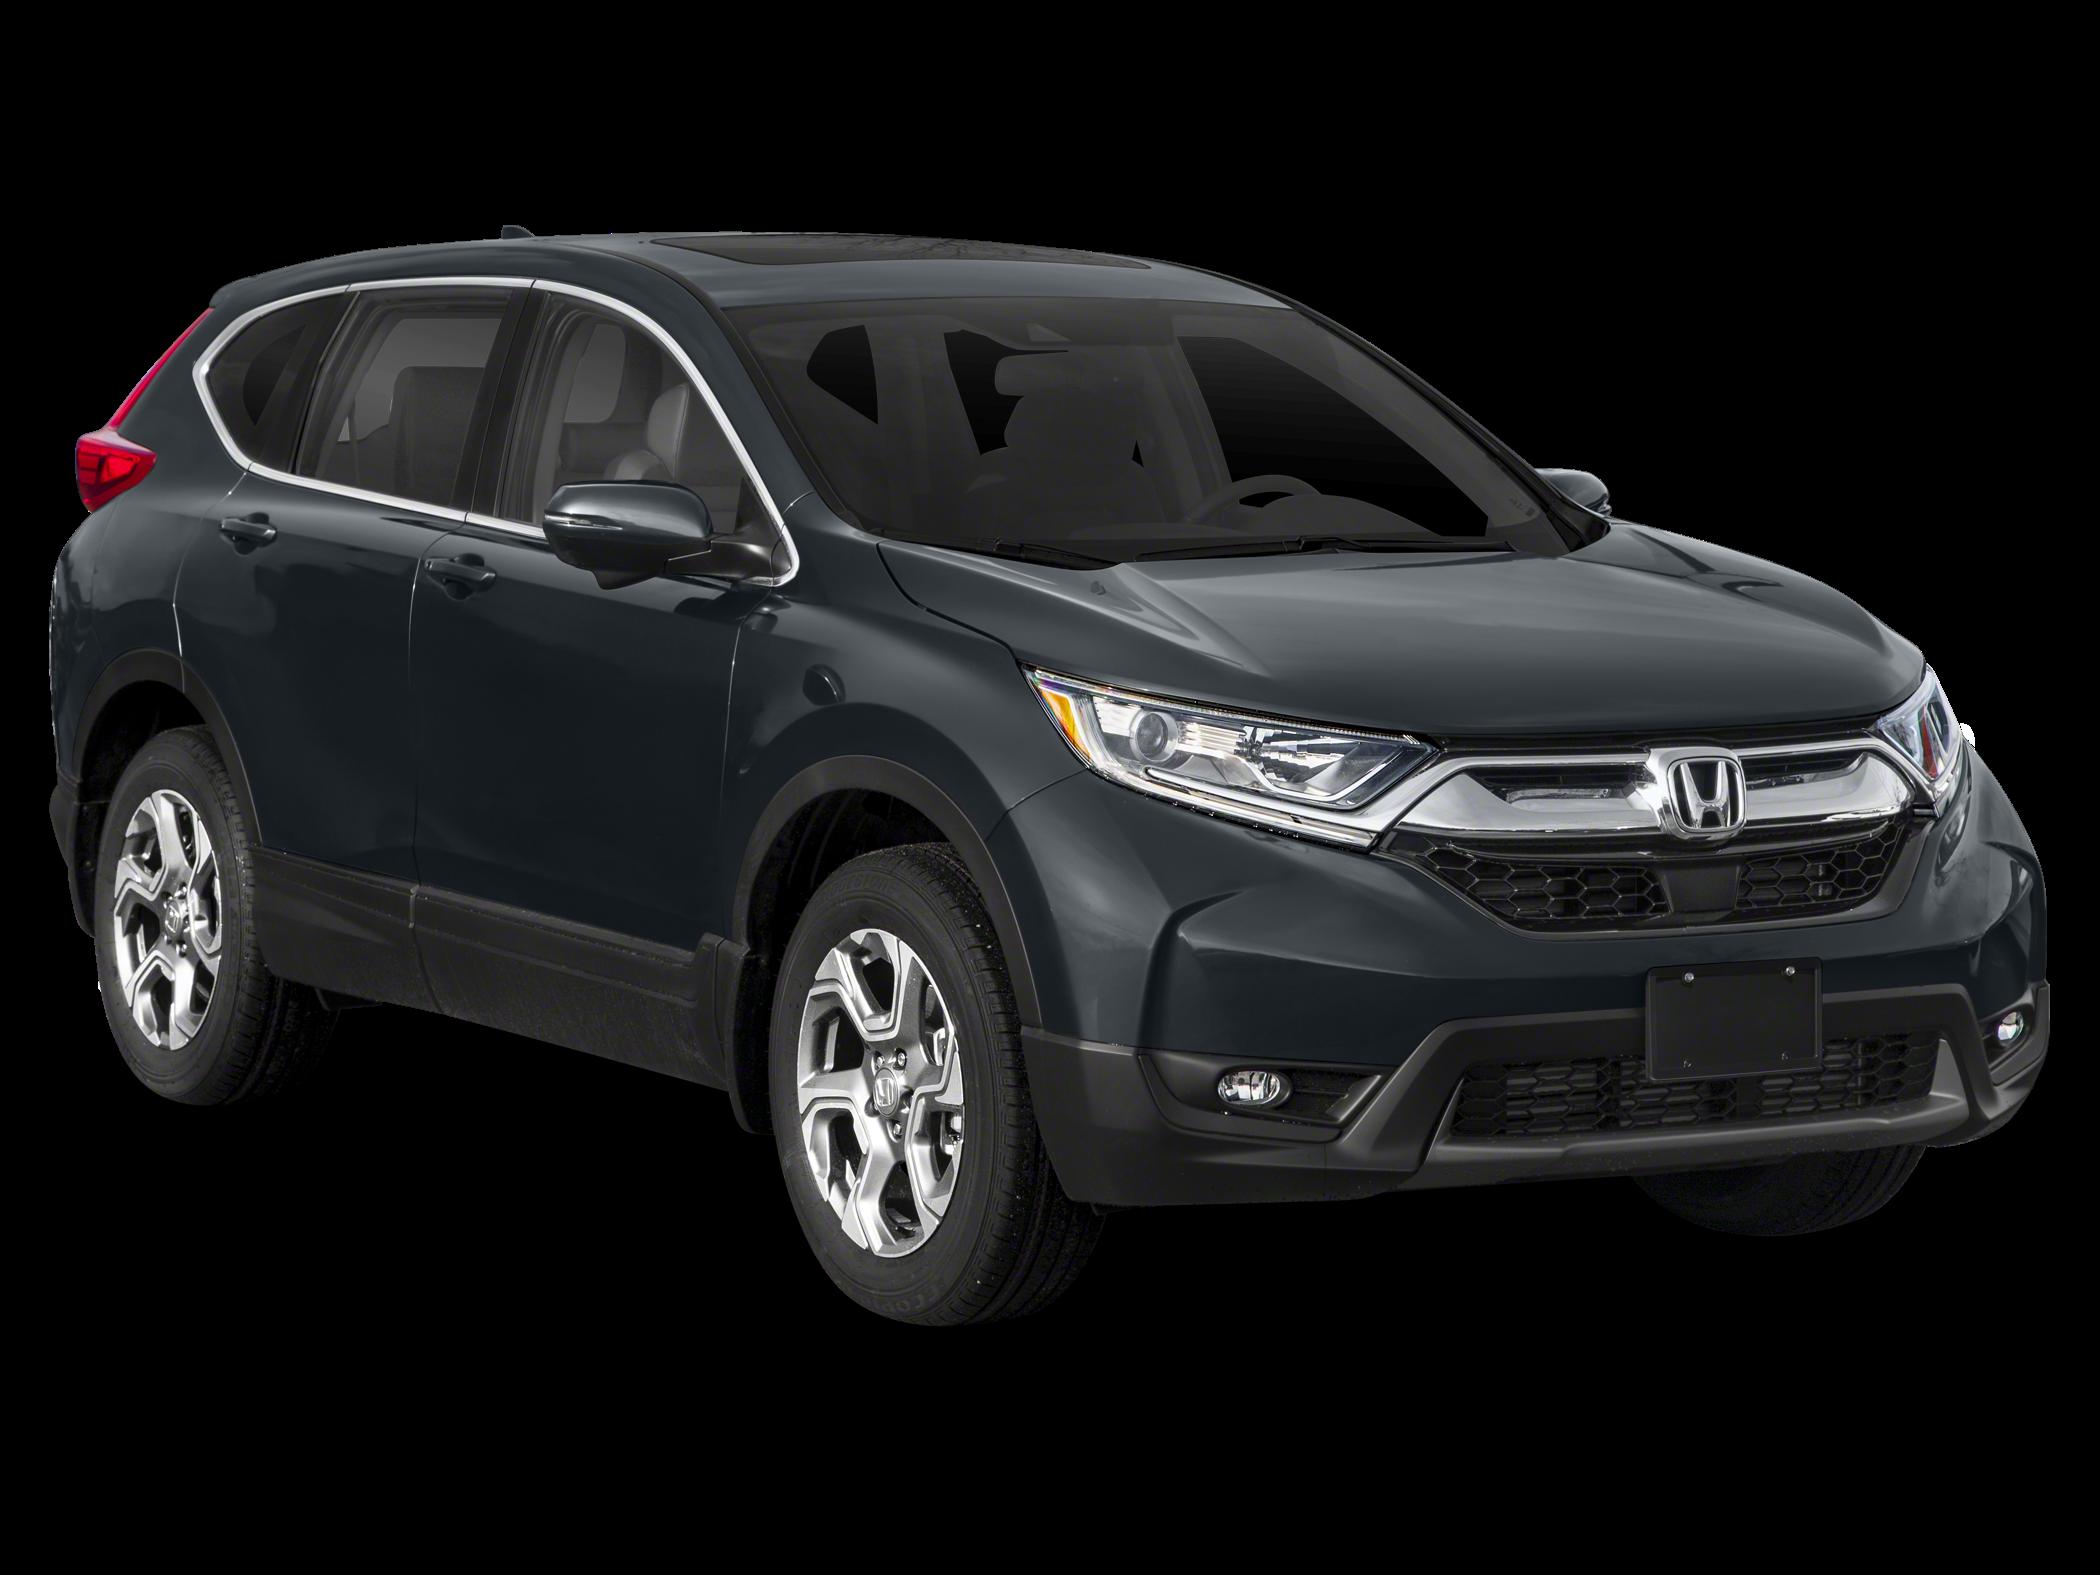 2019 Honda CR-V EX-L : Price, Specs & Review | Lombardi ...